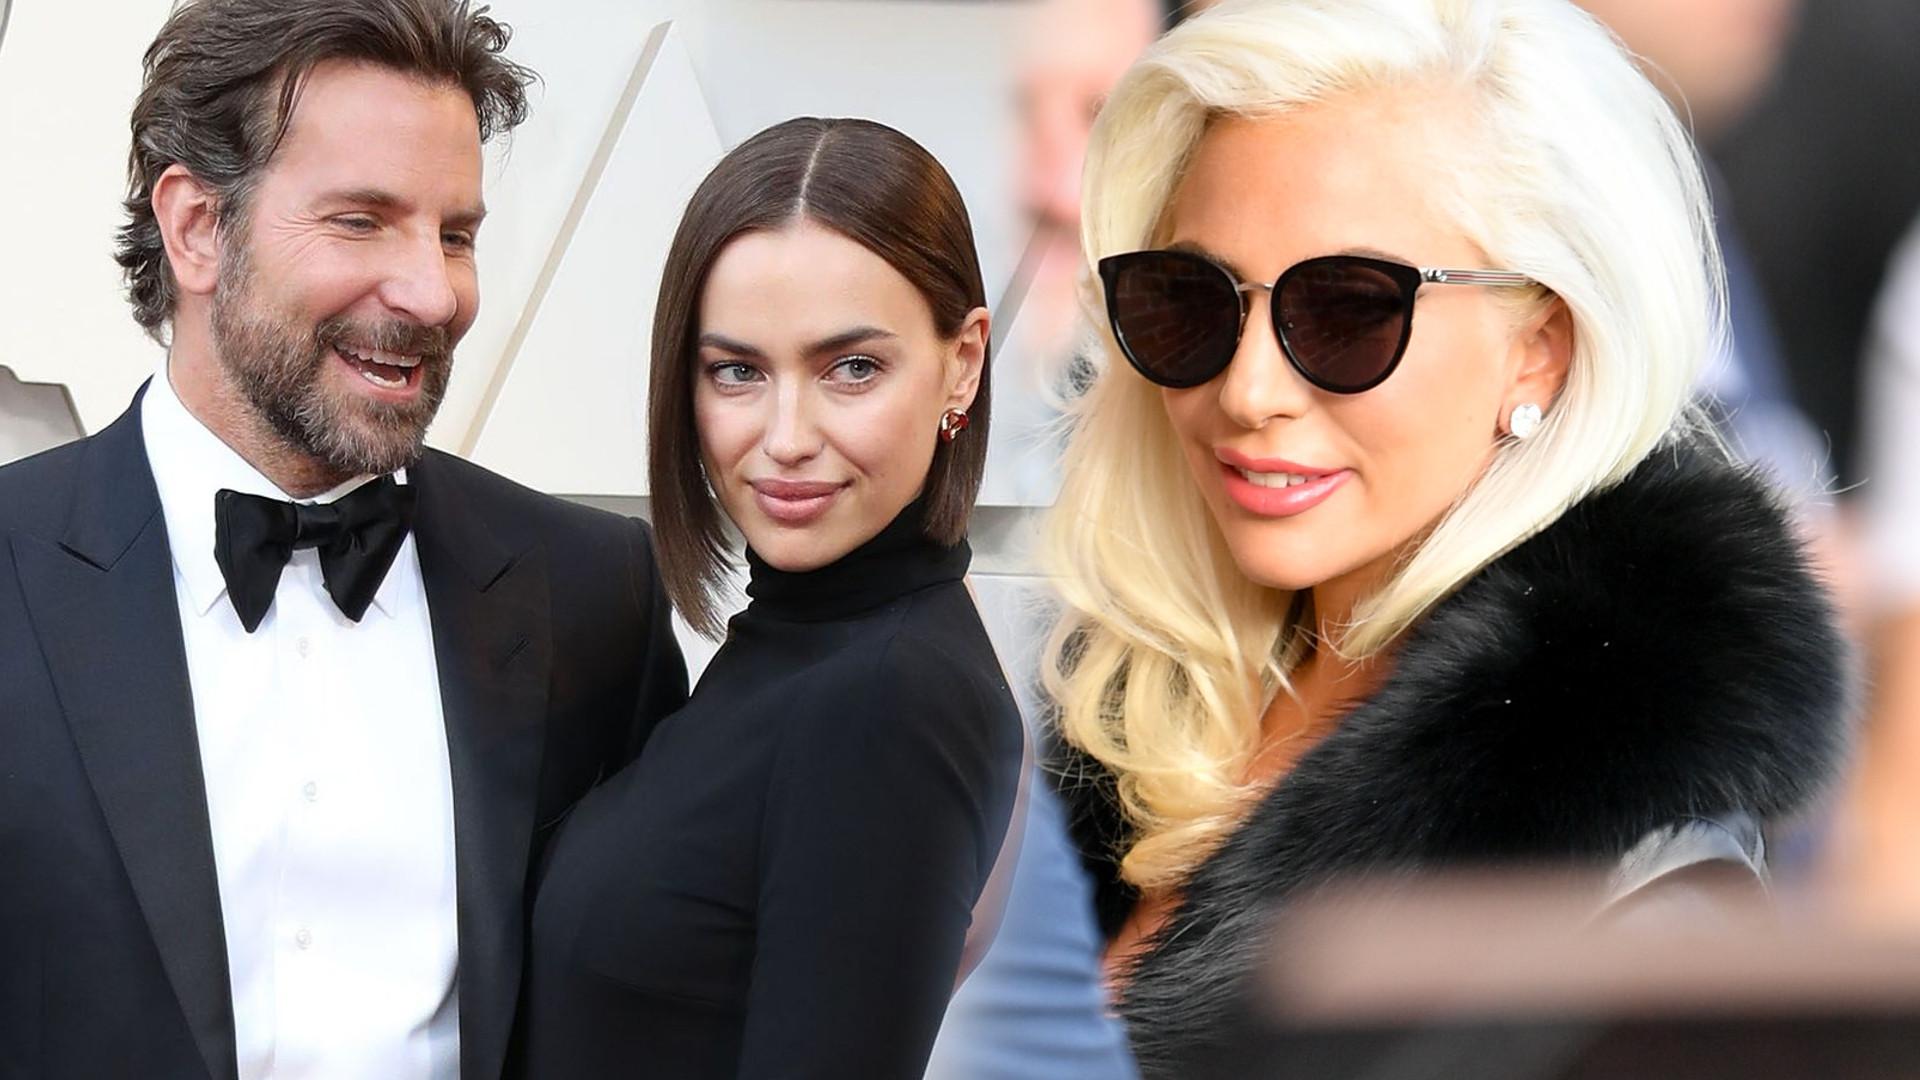 Lady Gaga po raz pierwszy komentuje plotki o romansie z Cooperem. Jej reakcja szokuje!